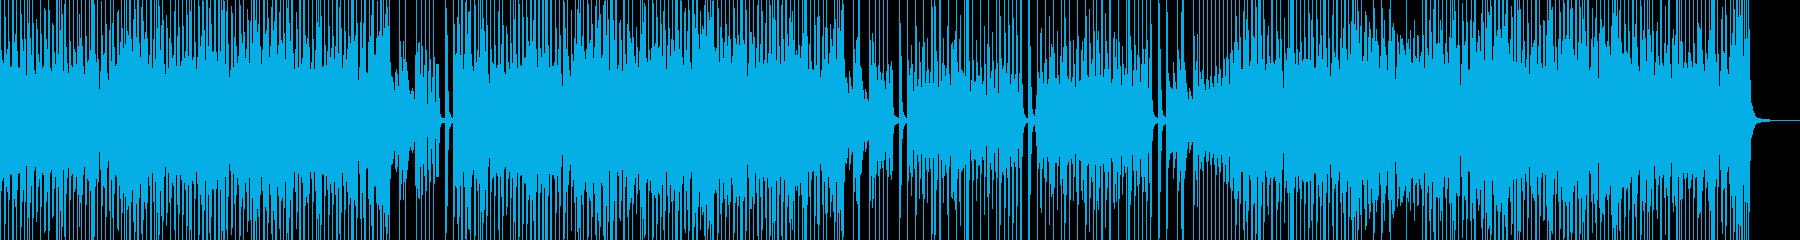 賑やかな作品に・スィングポップ G2の再生済みの波形